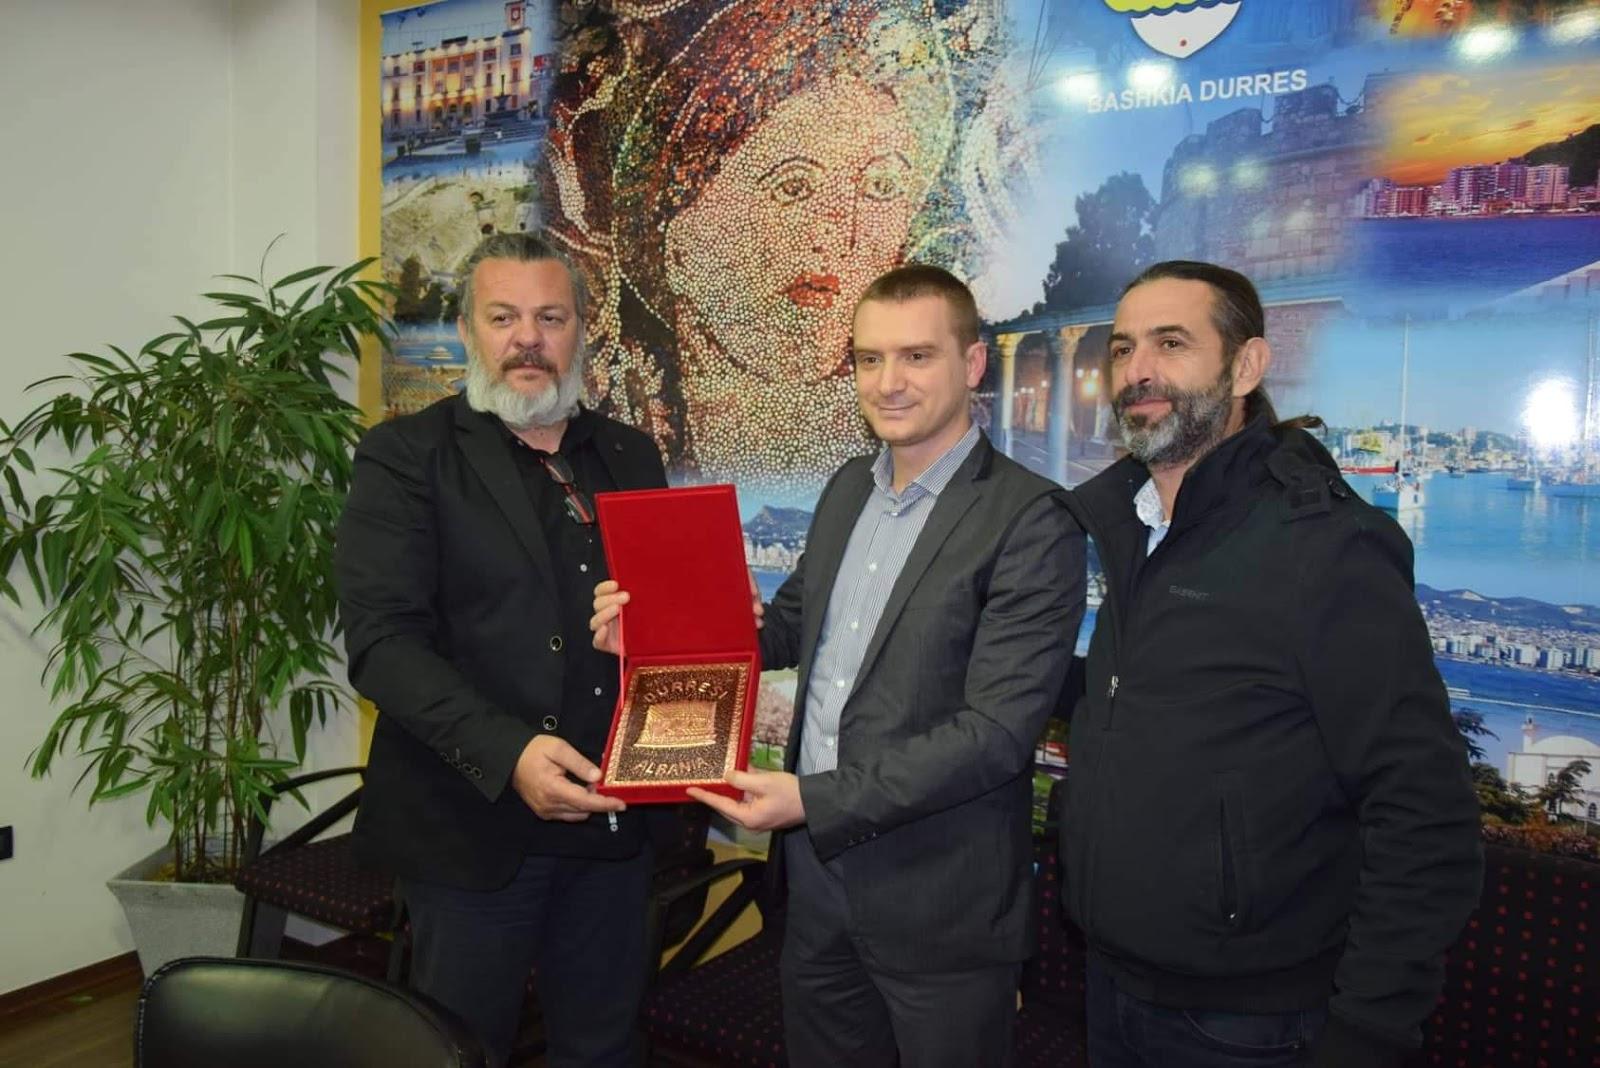 Ανθρωπιστική βοήθεια από την Κασσάνδρα στο Δήμο Δυρραχίου Αλβανίας.